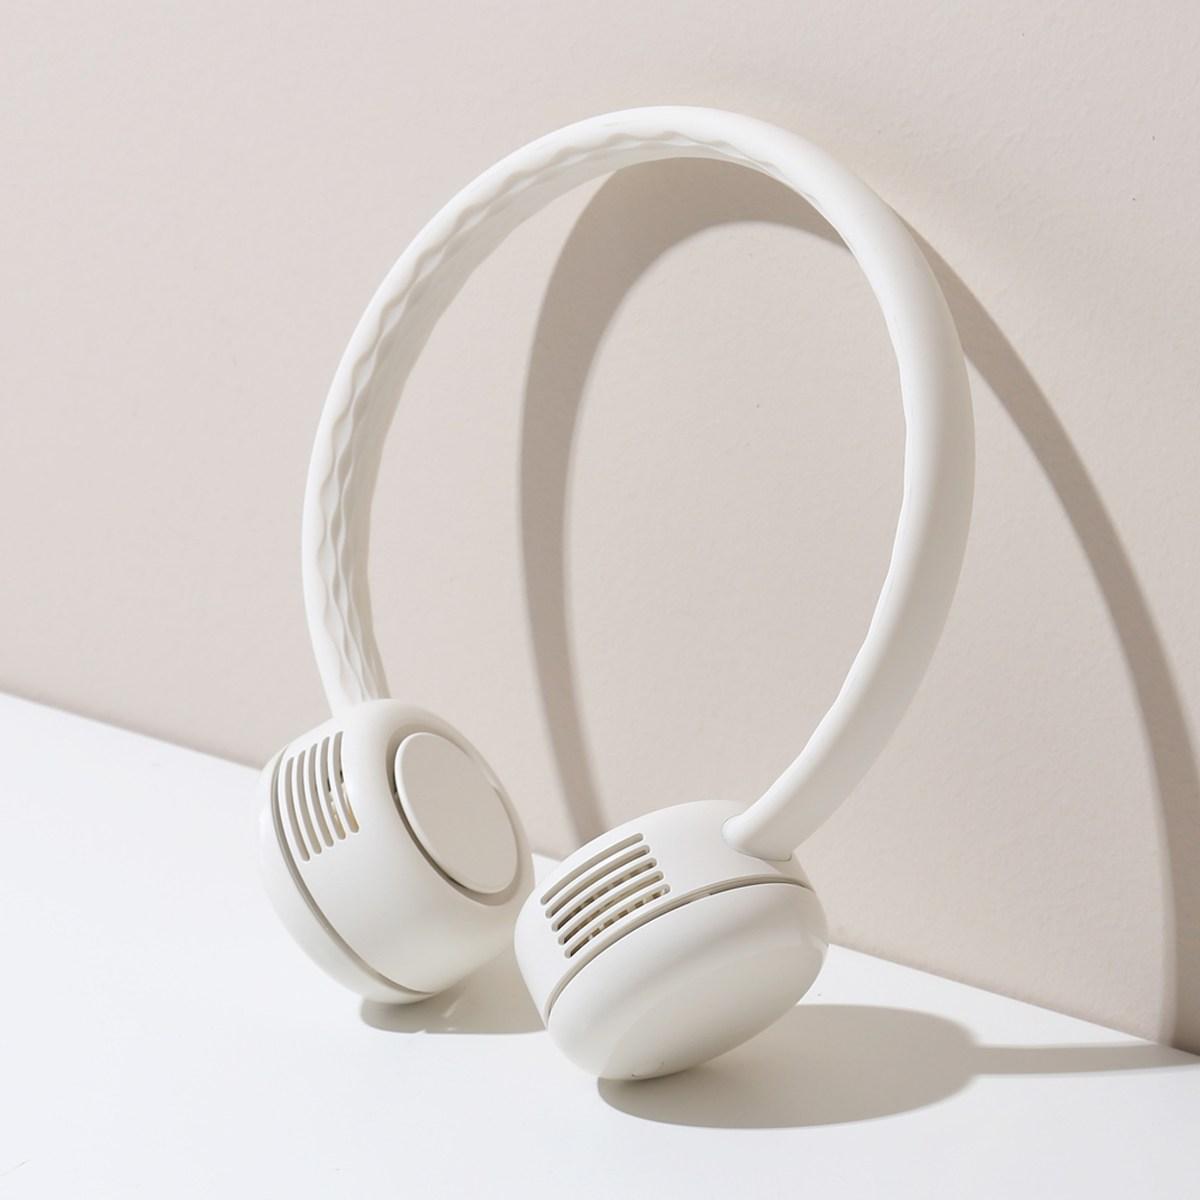 단순생활 넥밴드 휴대용 선풍기, 01 크림화이트